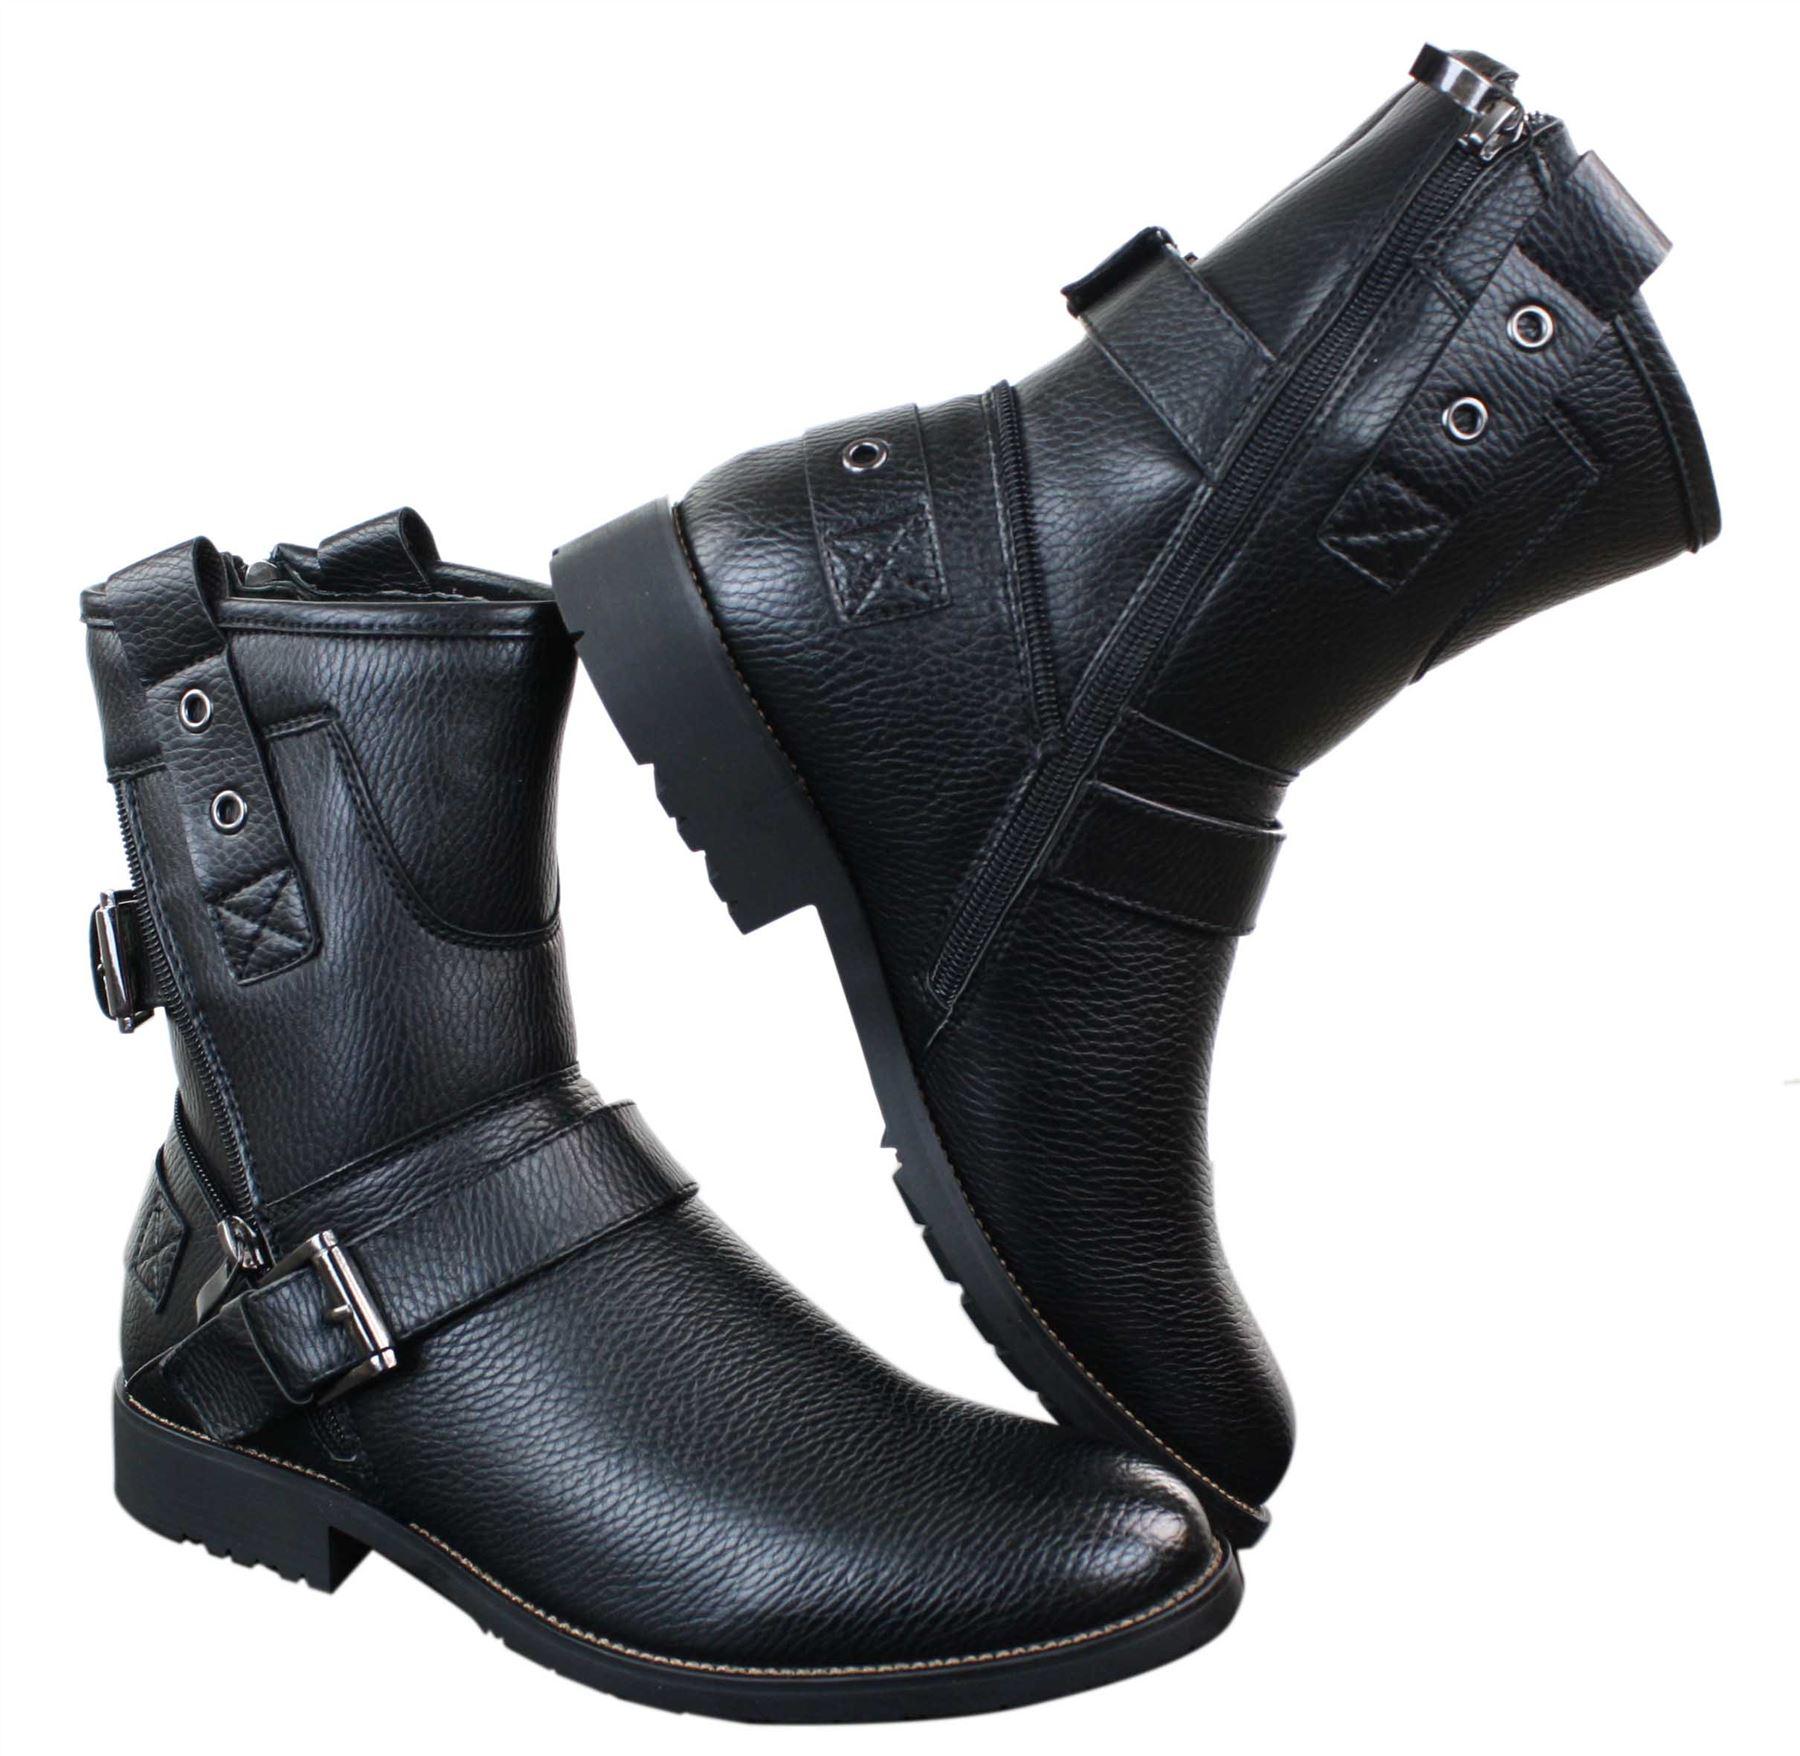 Herrenstiefel Punk Rock Rock Rock Design Schwarz Braun Stiefel Elmo Stil Preis    | Ermäßigung  b82e65